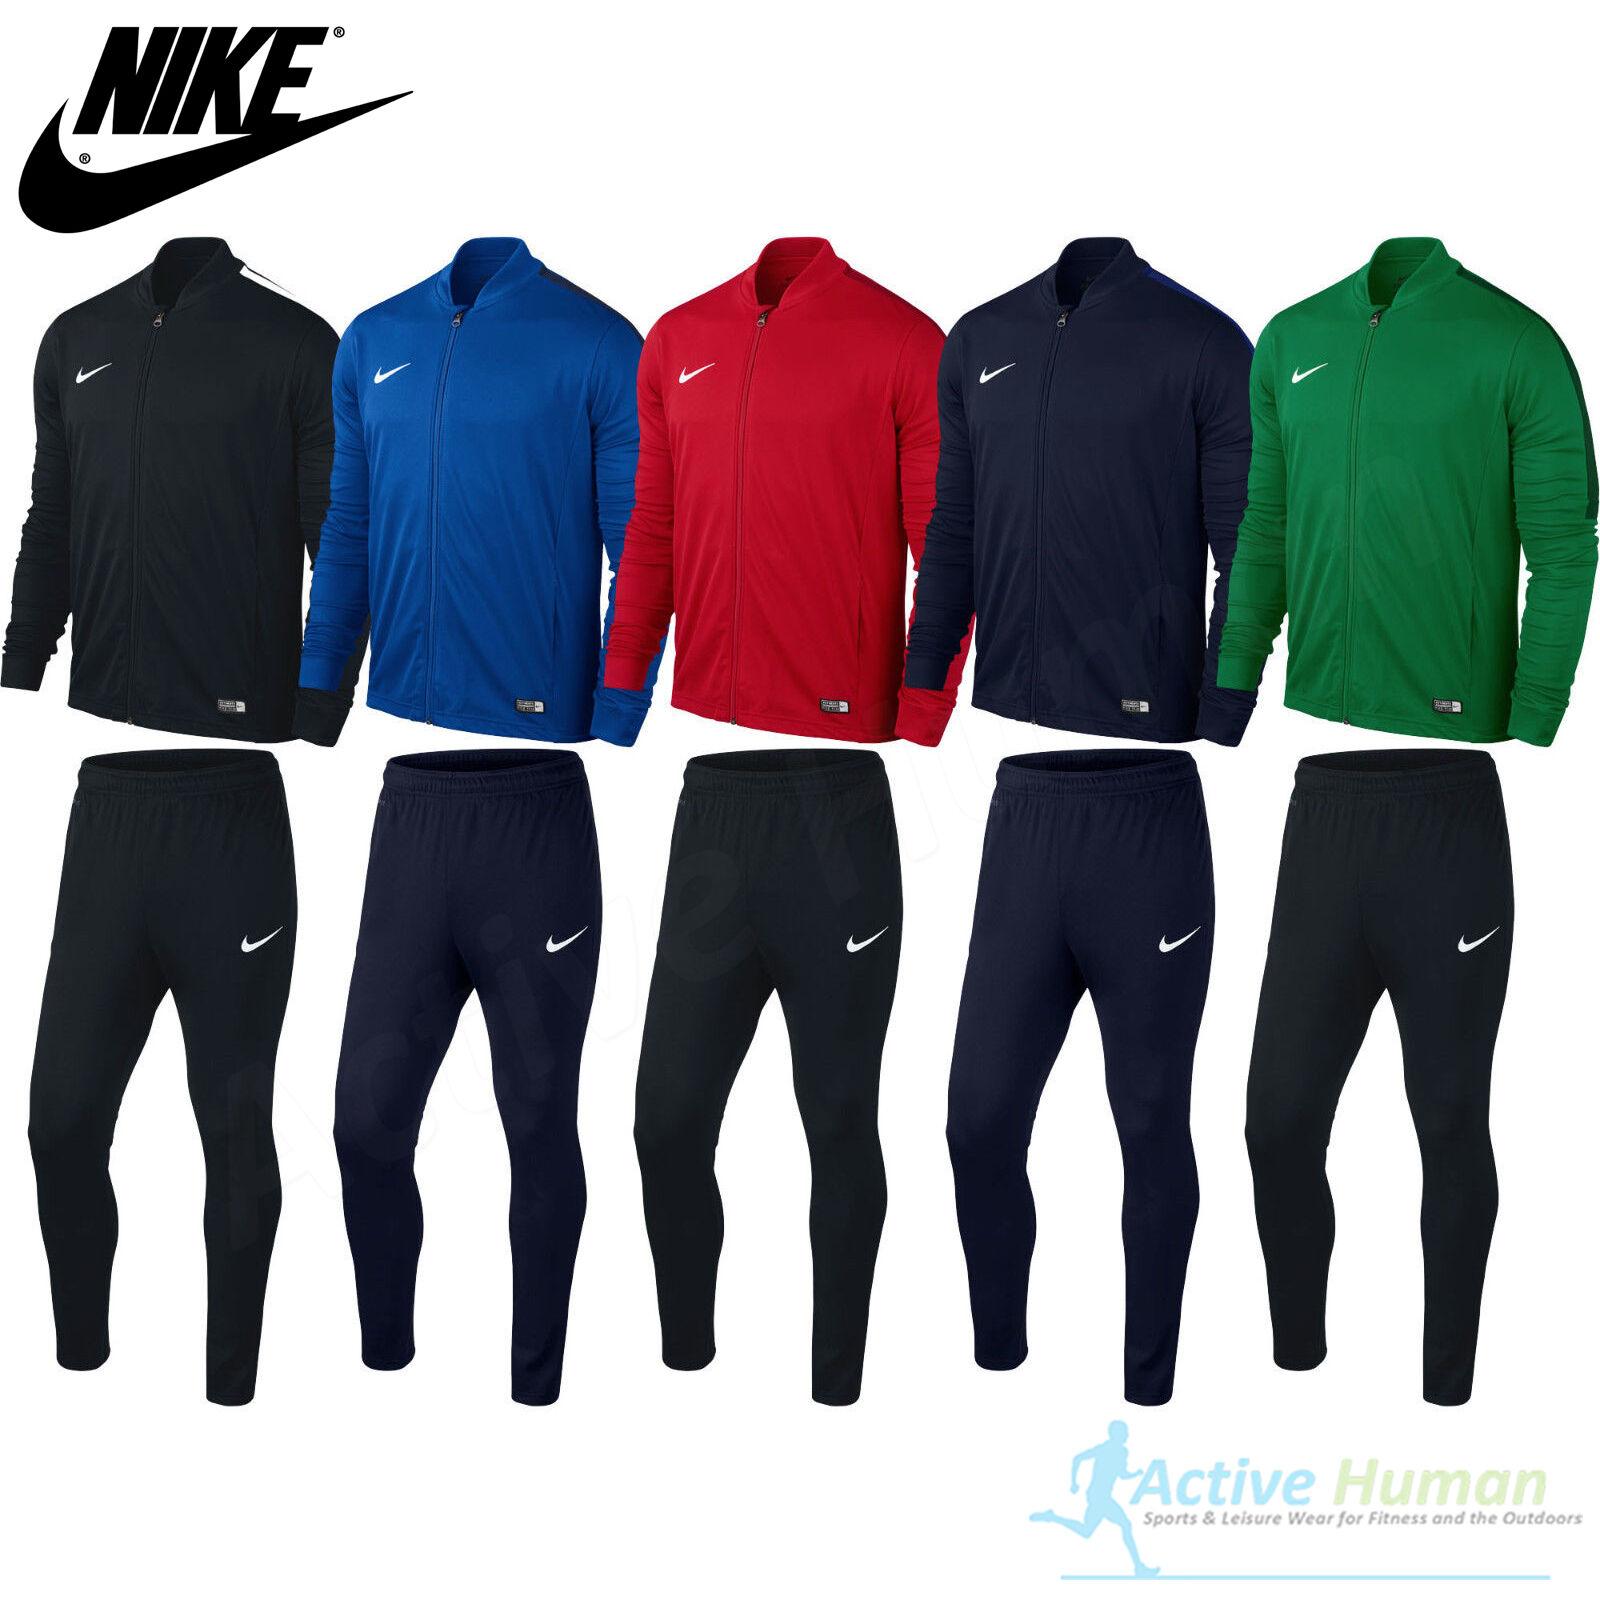 a4789d8cec Survetement de Football Nike Academy 16 / Taille enfant | Achetez sur eBay